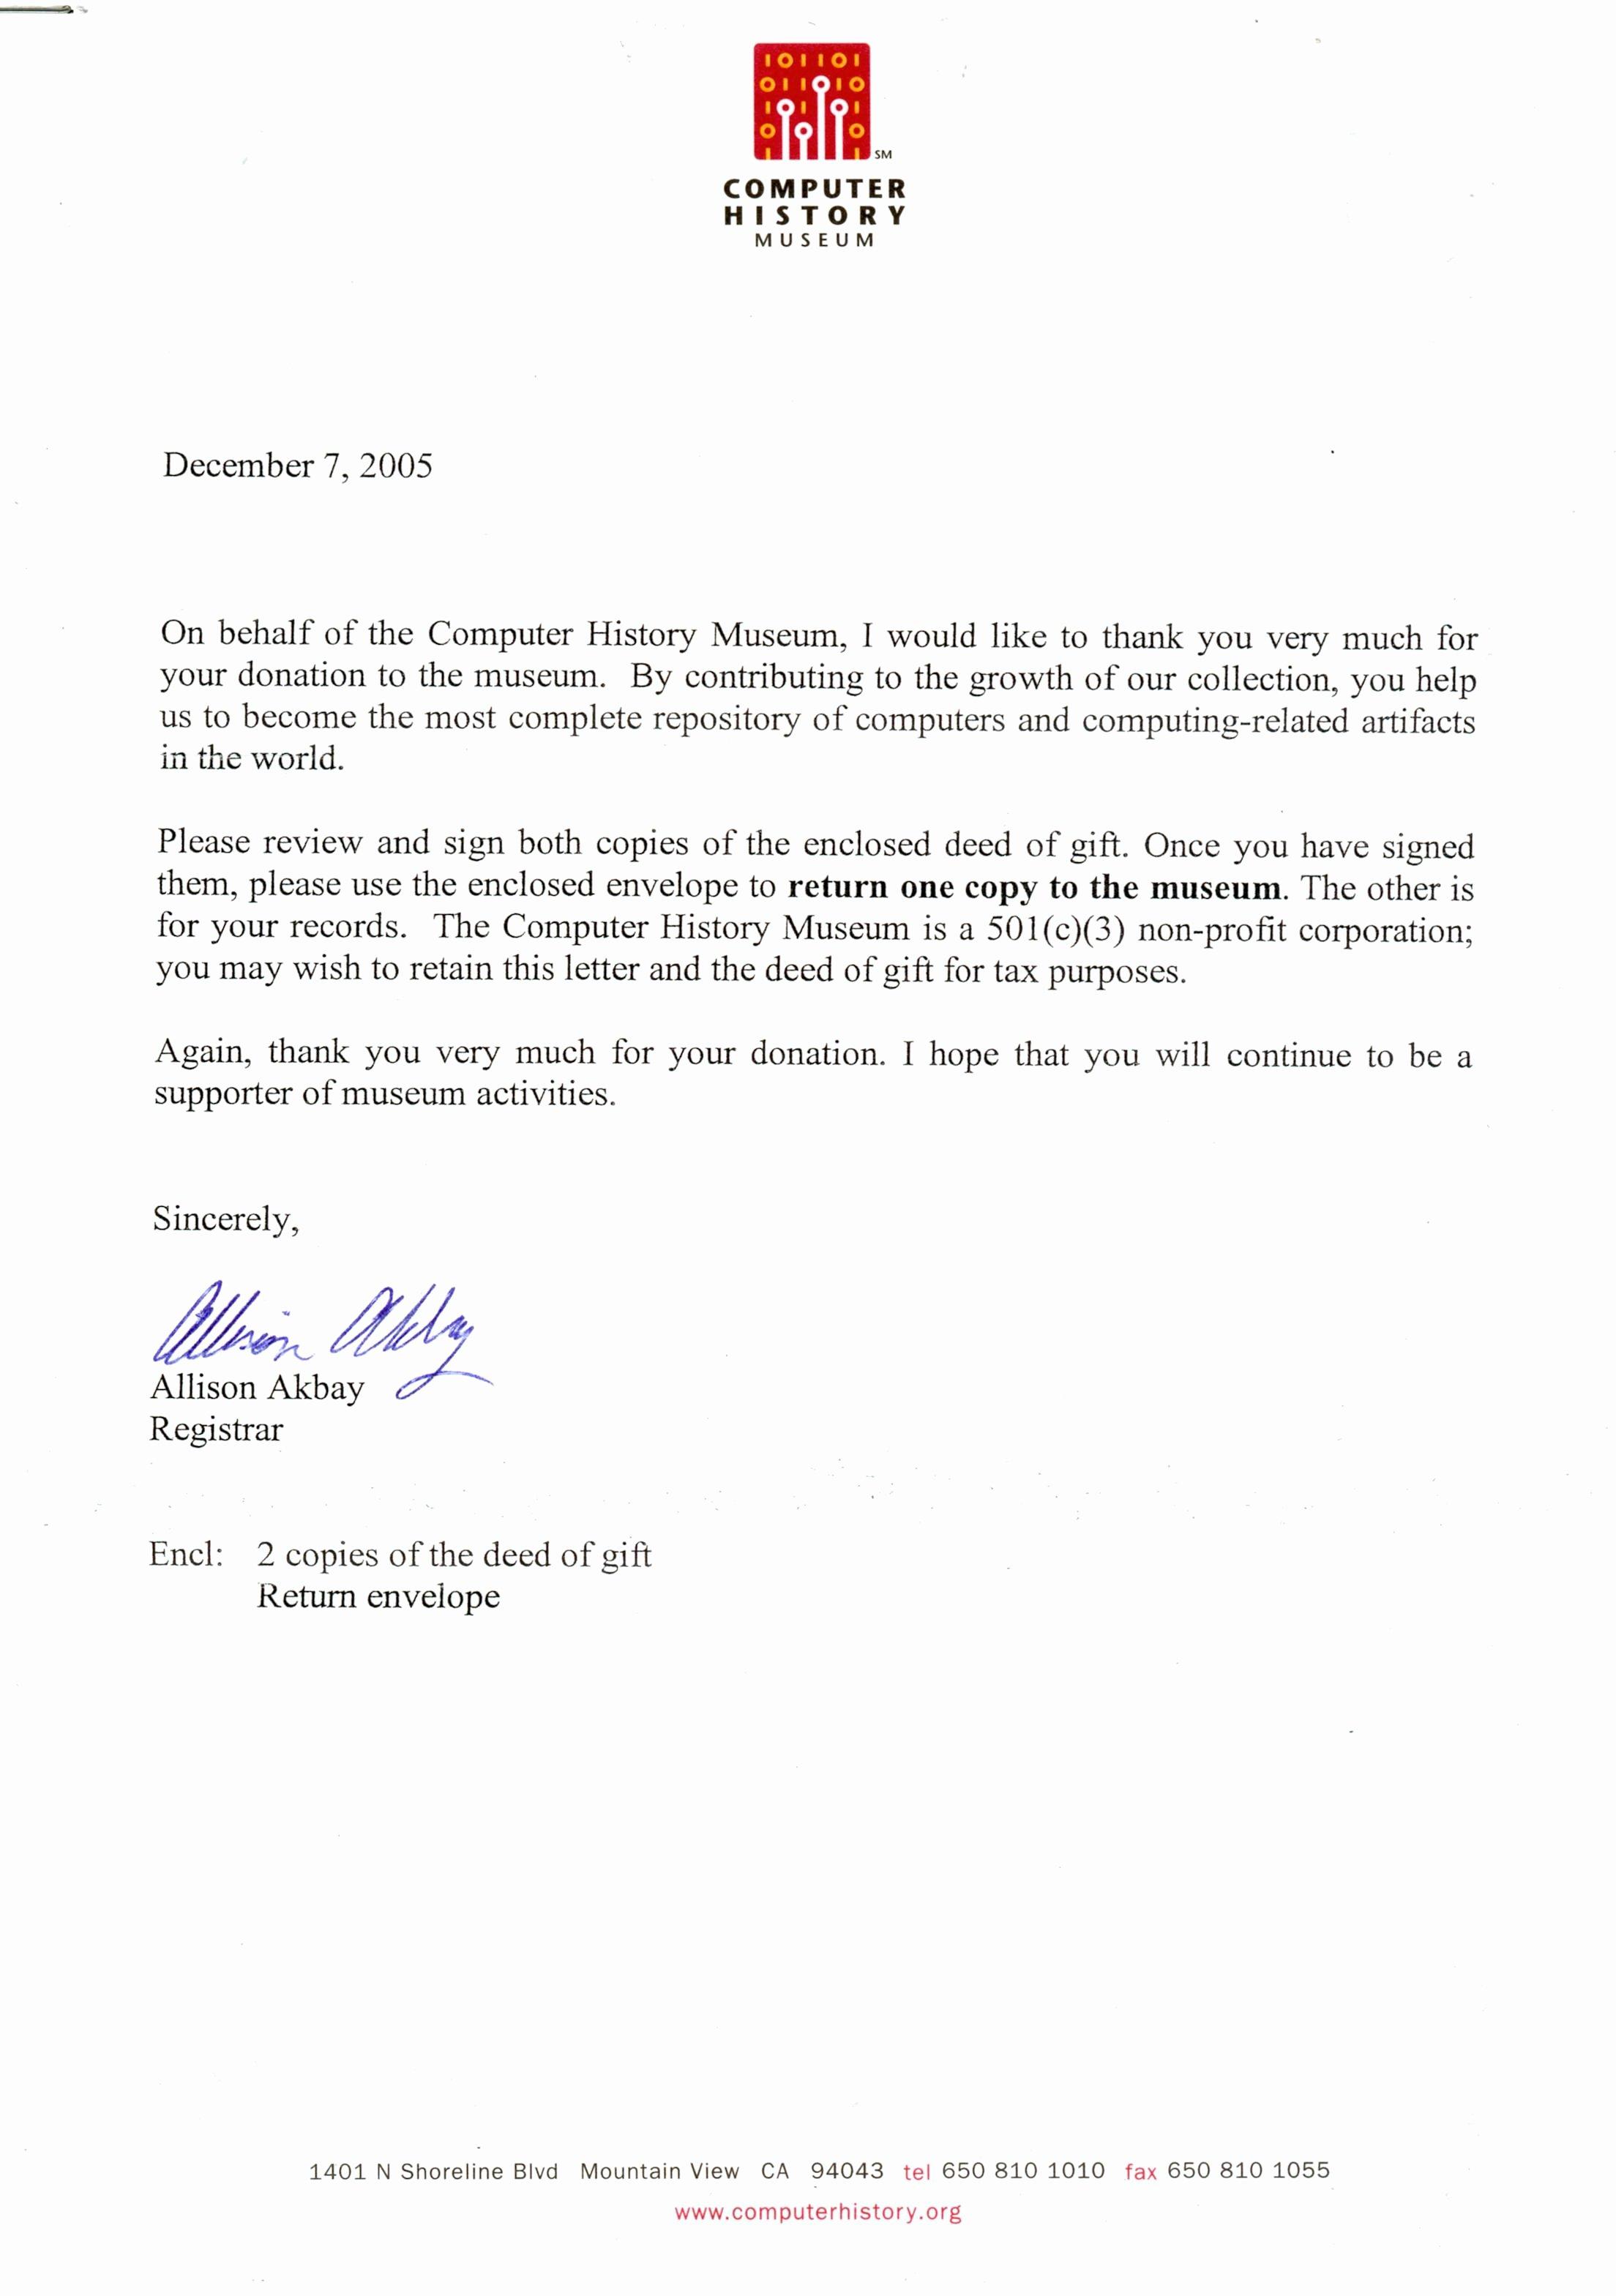 Memorial Donation Letter Template Unique Sample Letter Memorial Donation